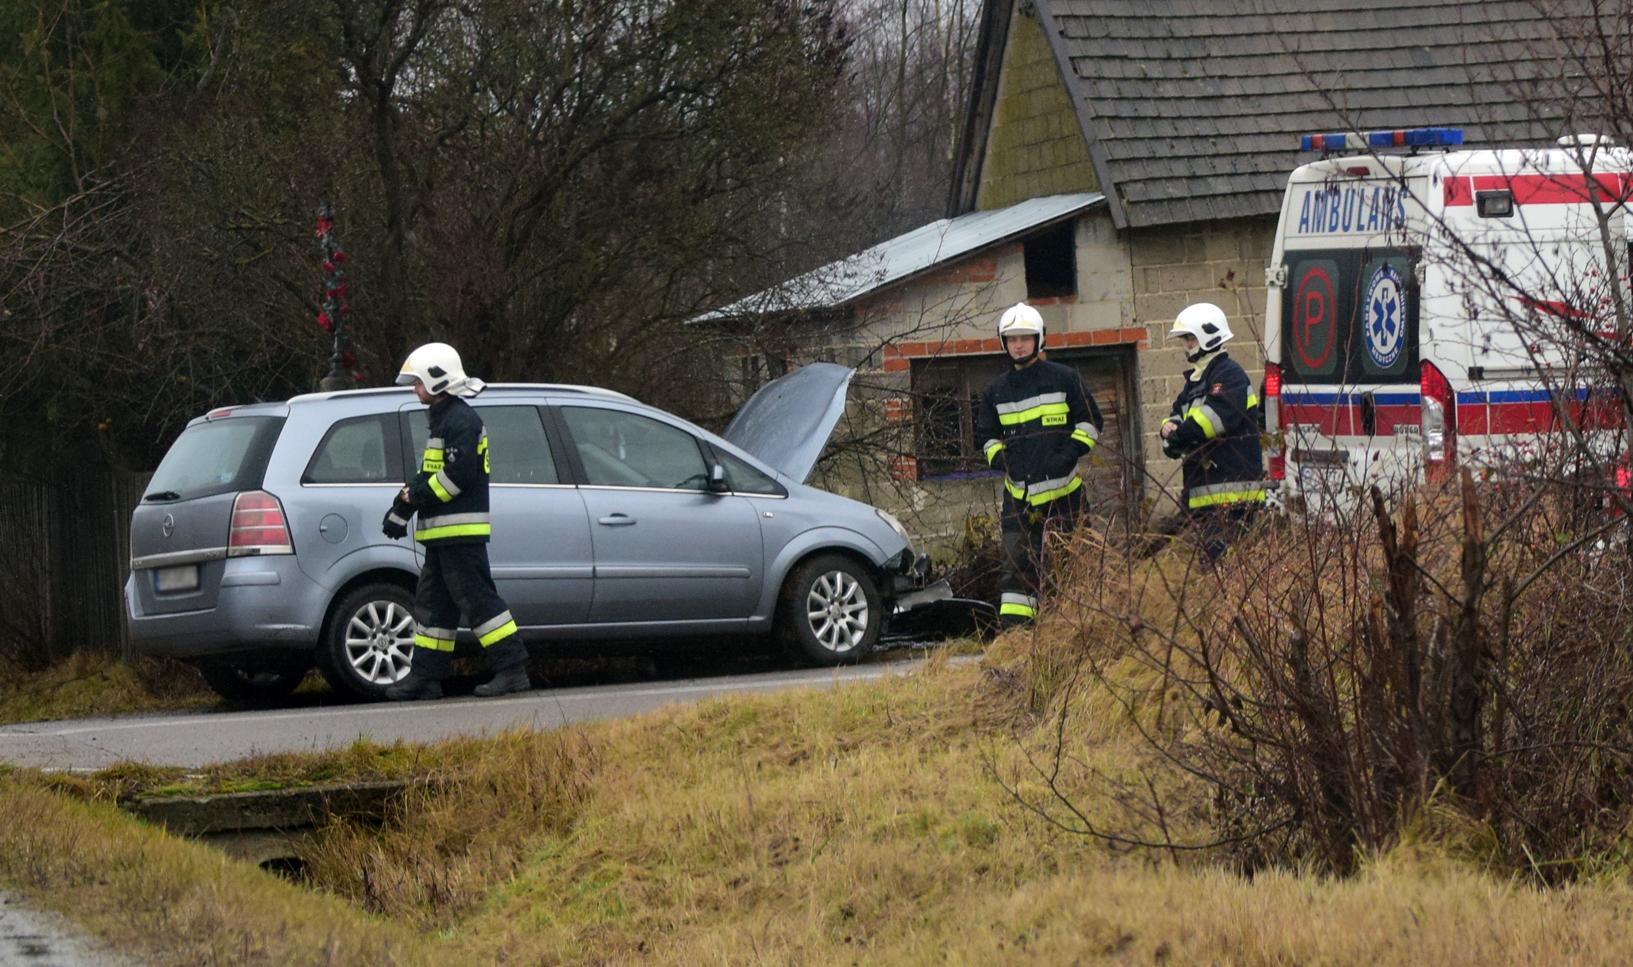 Kolizja dwóch aut w Przedborzu. Strażacy jadą na miejsce zdarzenia. AKTUALIZACJA - Zdjęcie główne